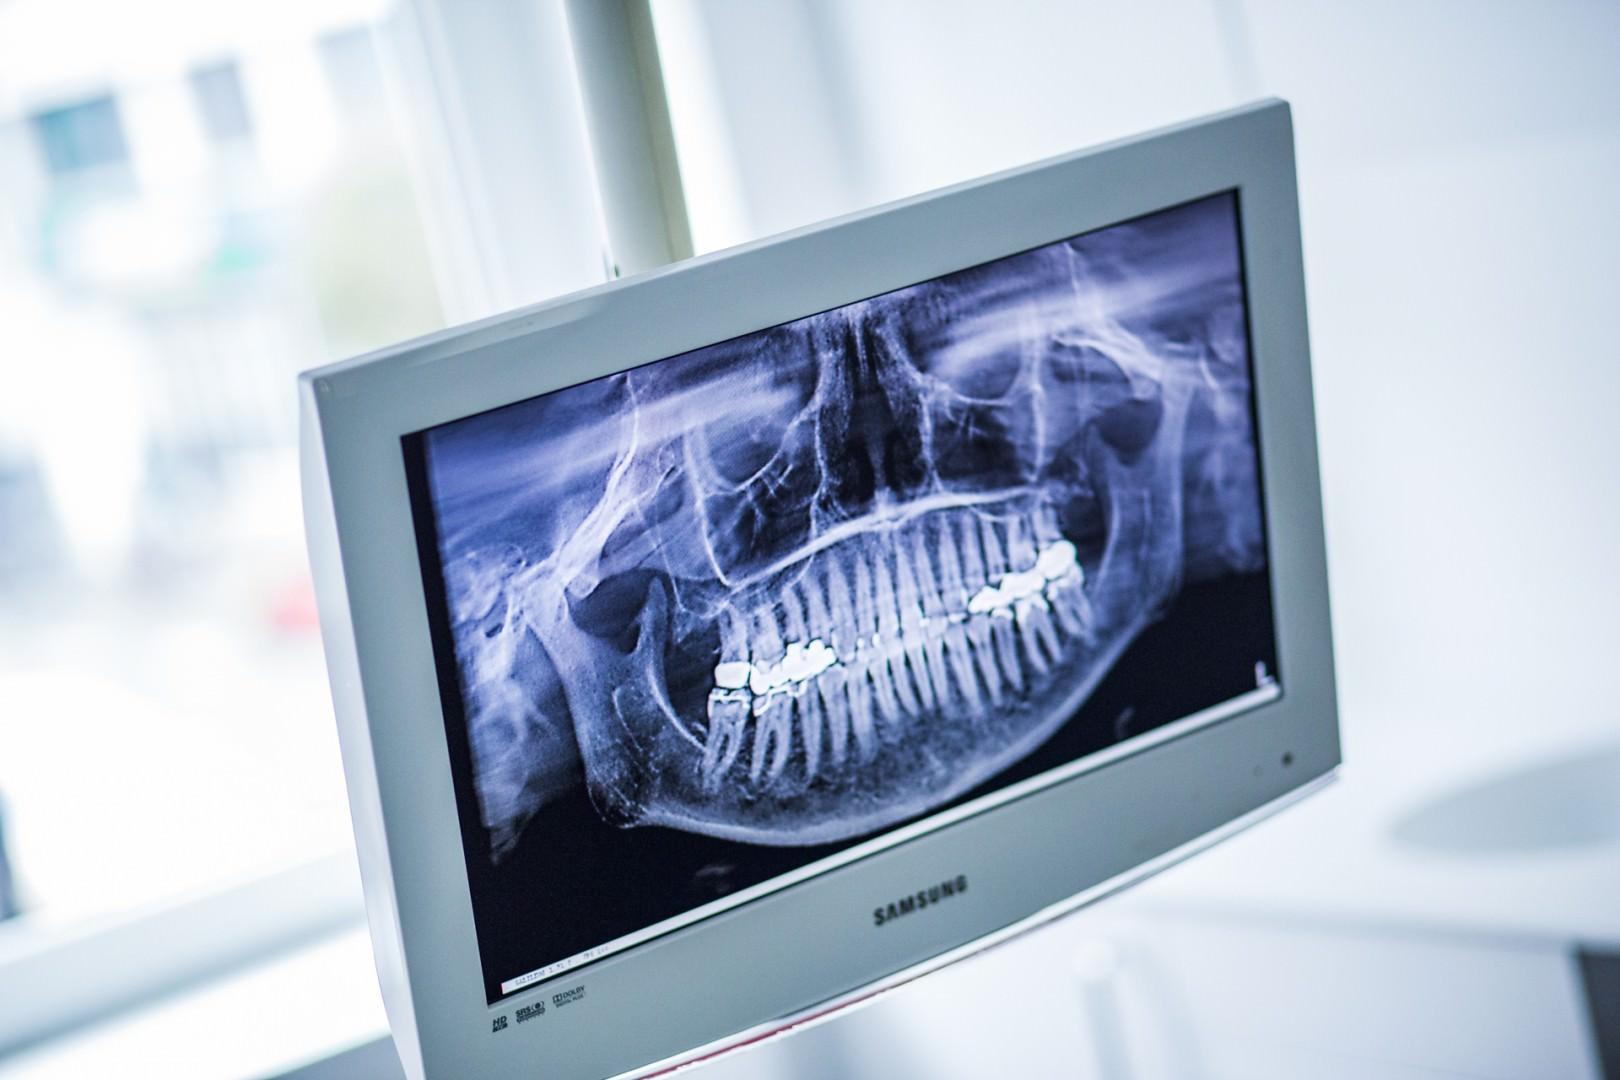 Röntgenaufnahme eines Kiefers auf Monitor